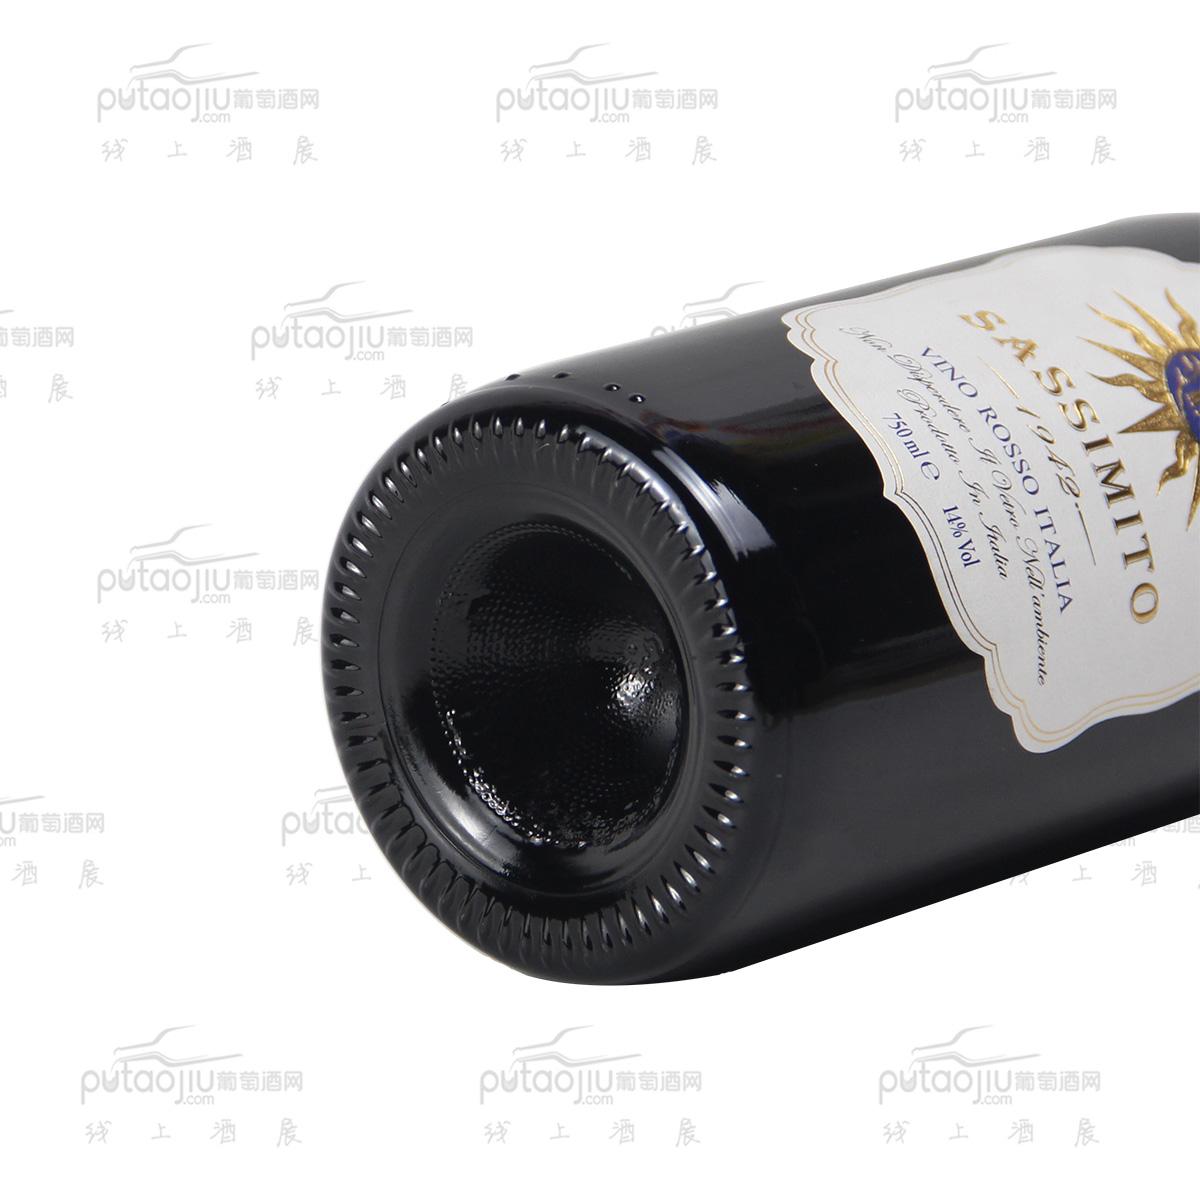 意大利葡萄酒西施神话干红葡萄酒